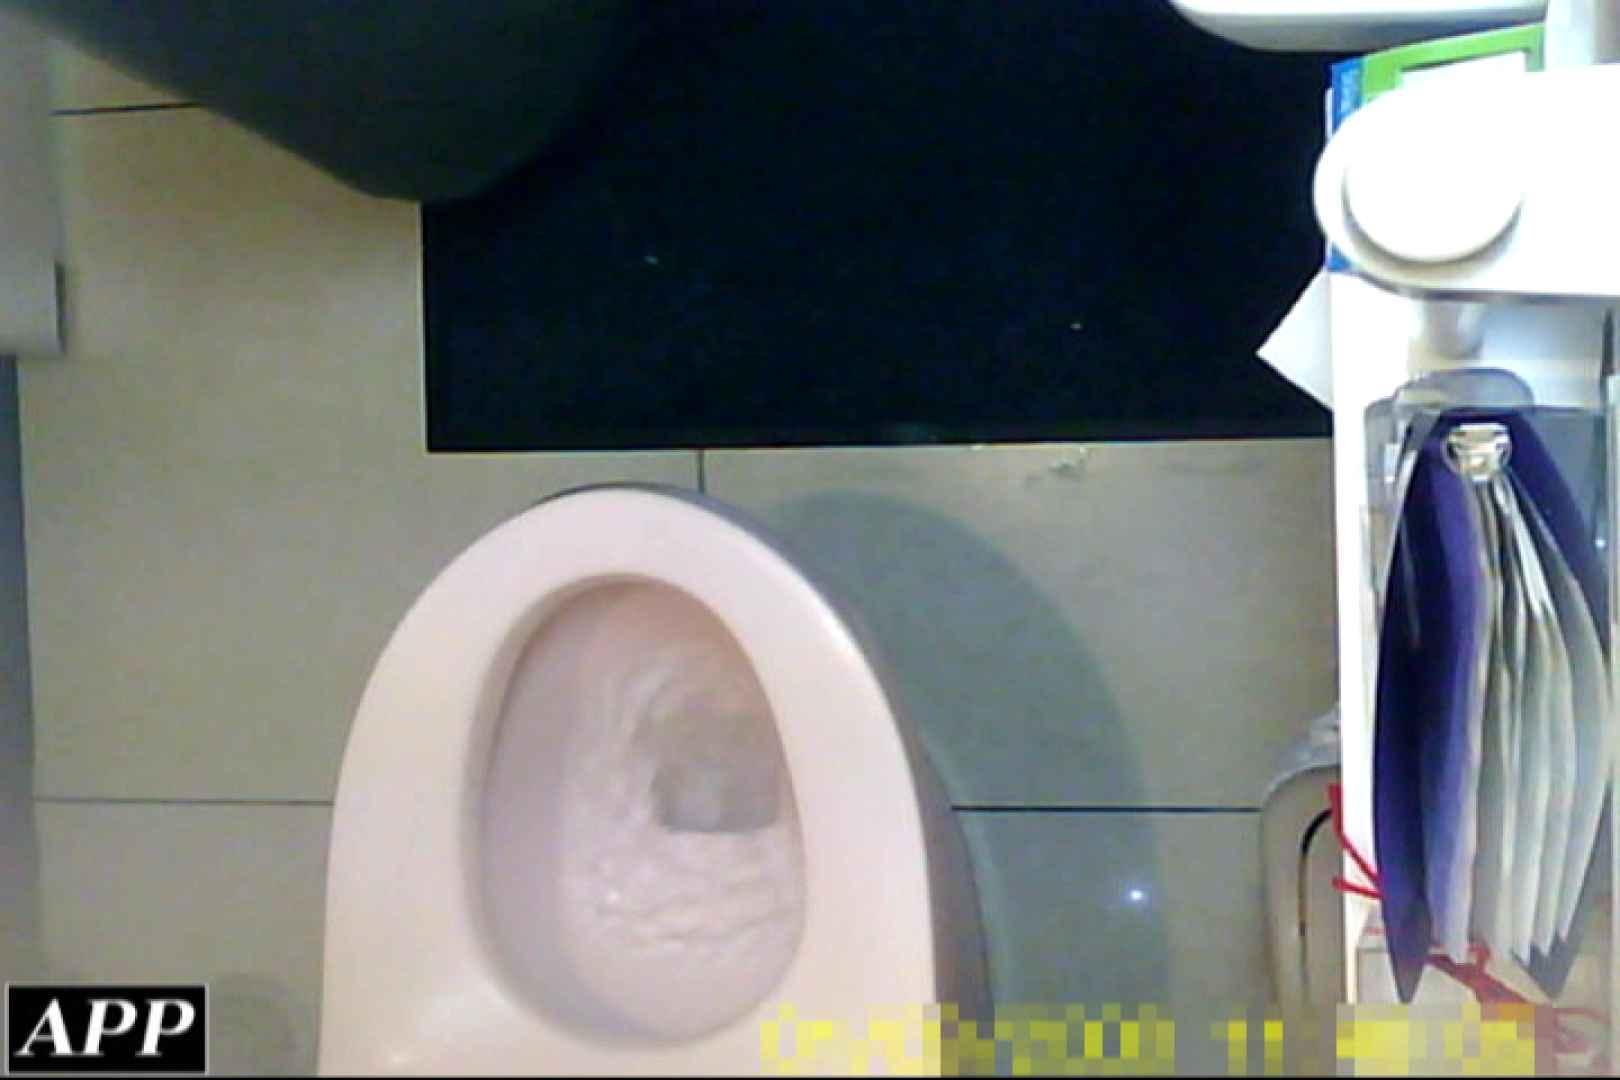 3視点洗面所 vol.101 盗撮映像大放出 オメコ動画キャプチャ 69連発 39